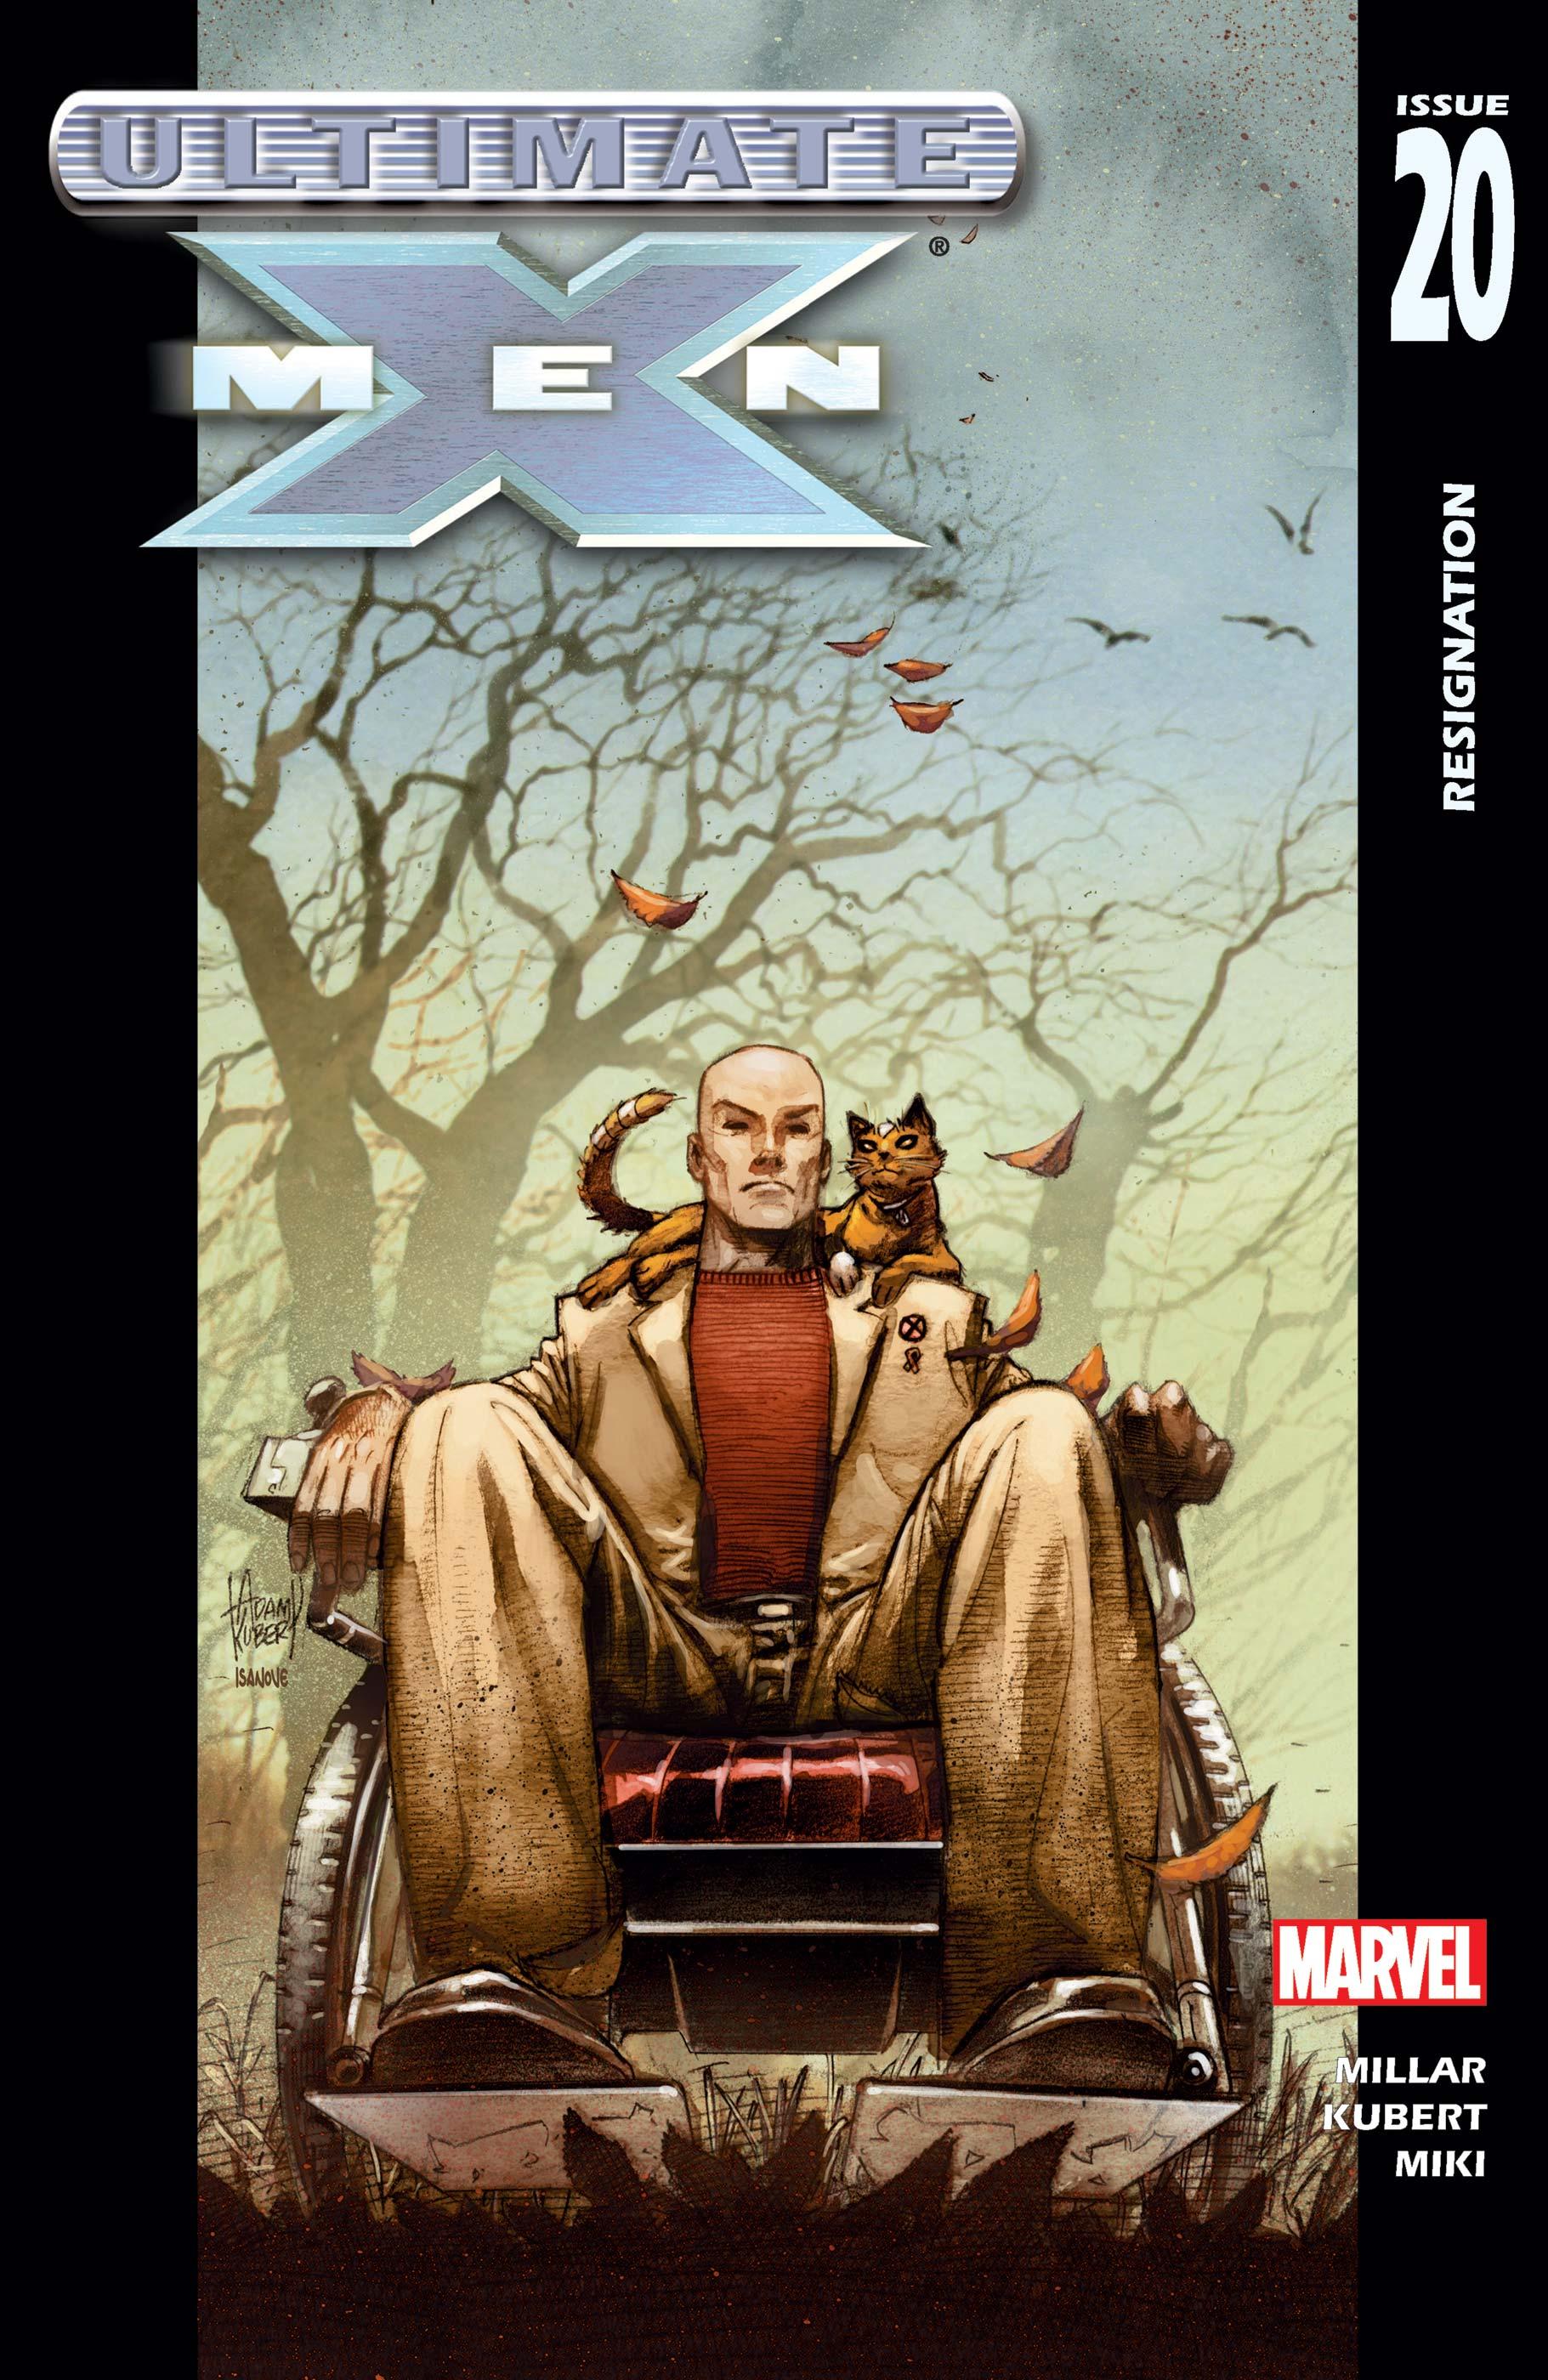 Ultimate X-Men (2000) #20